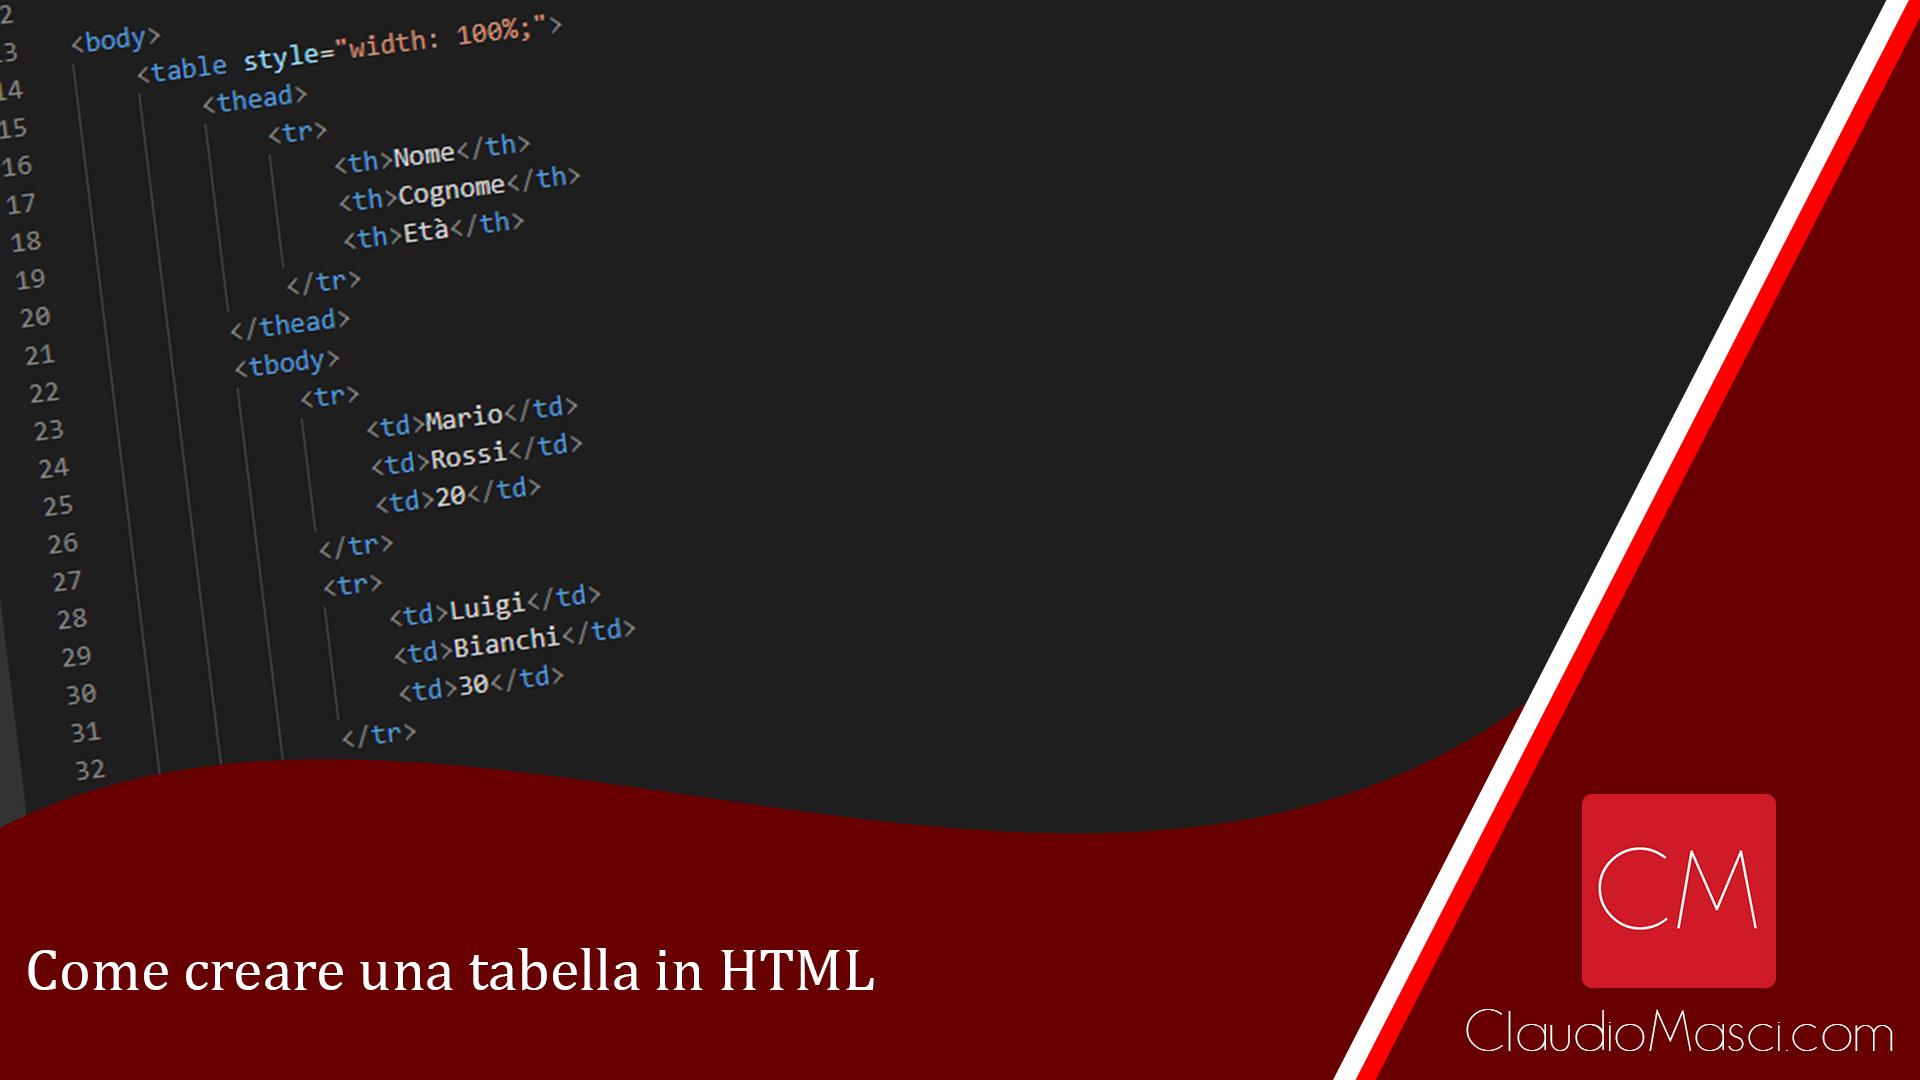 Come creare una tabella in HTML